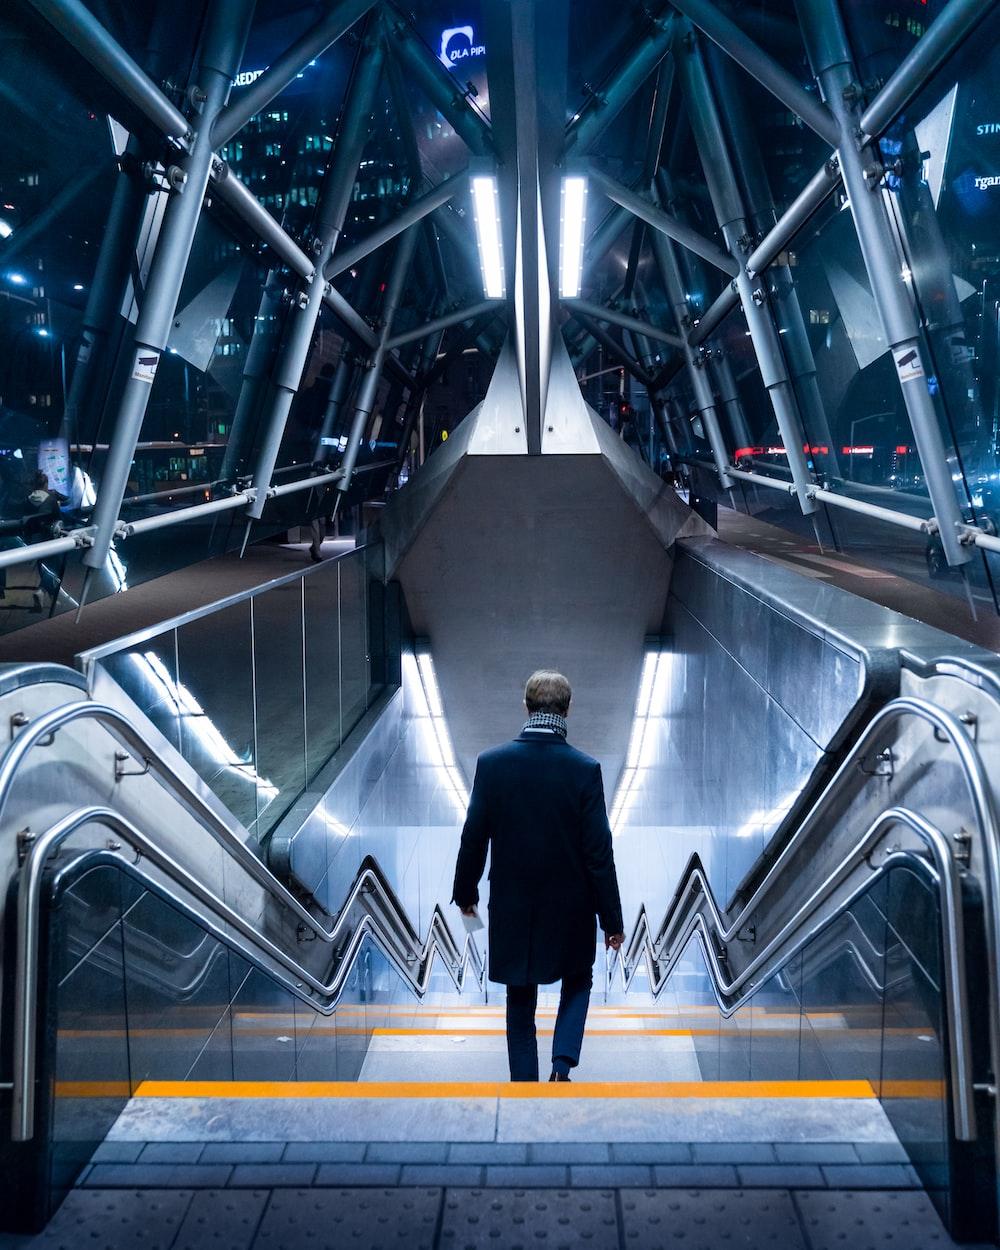 man in black suit walking on escalator